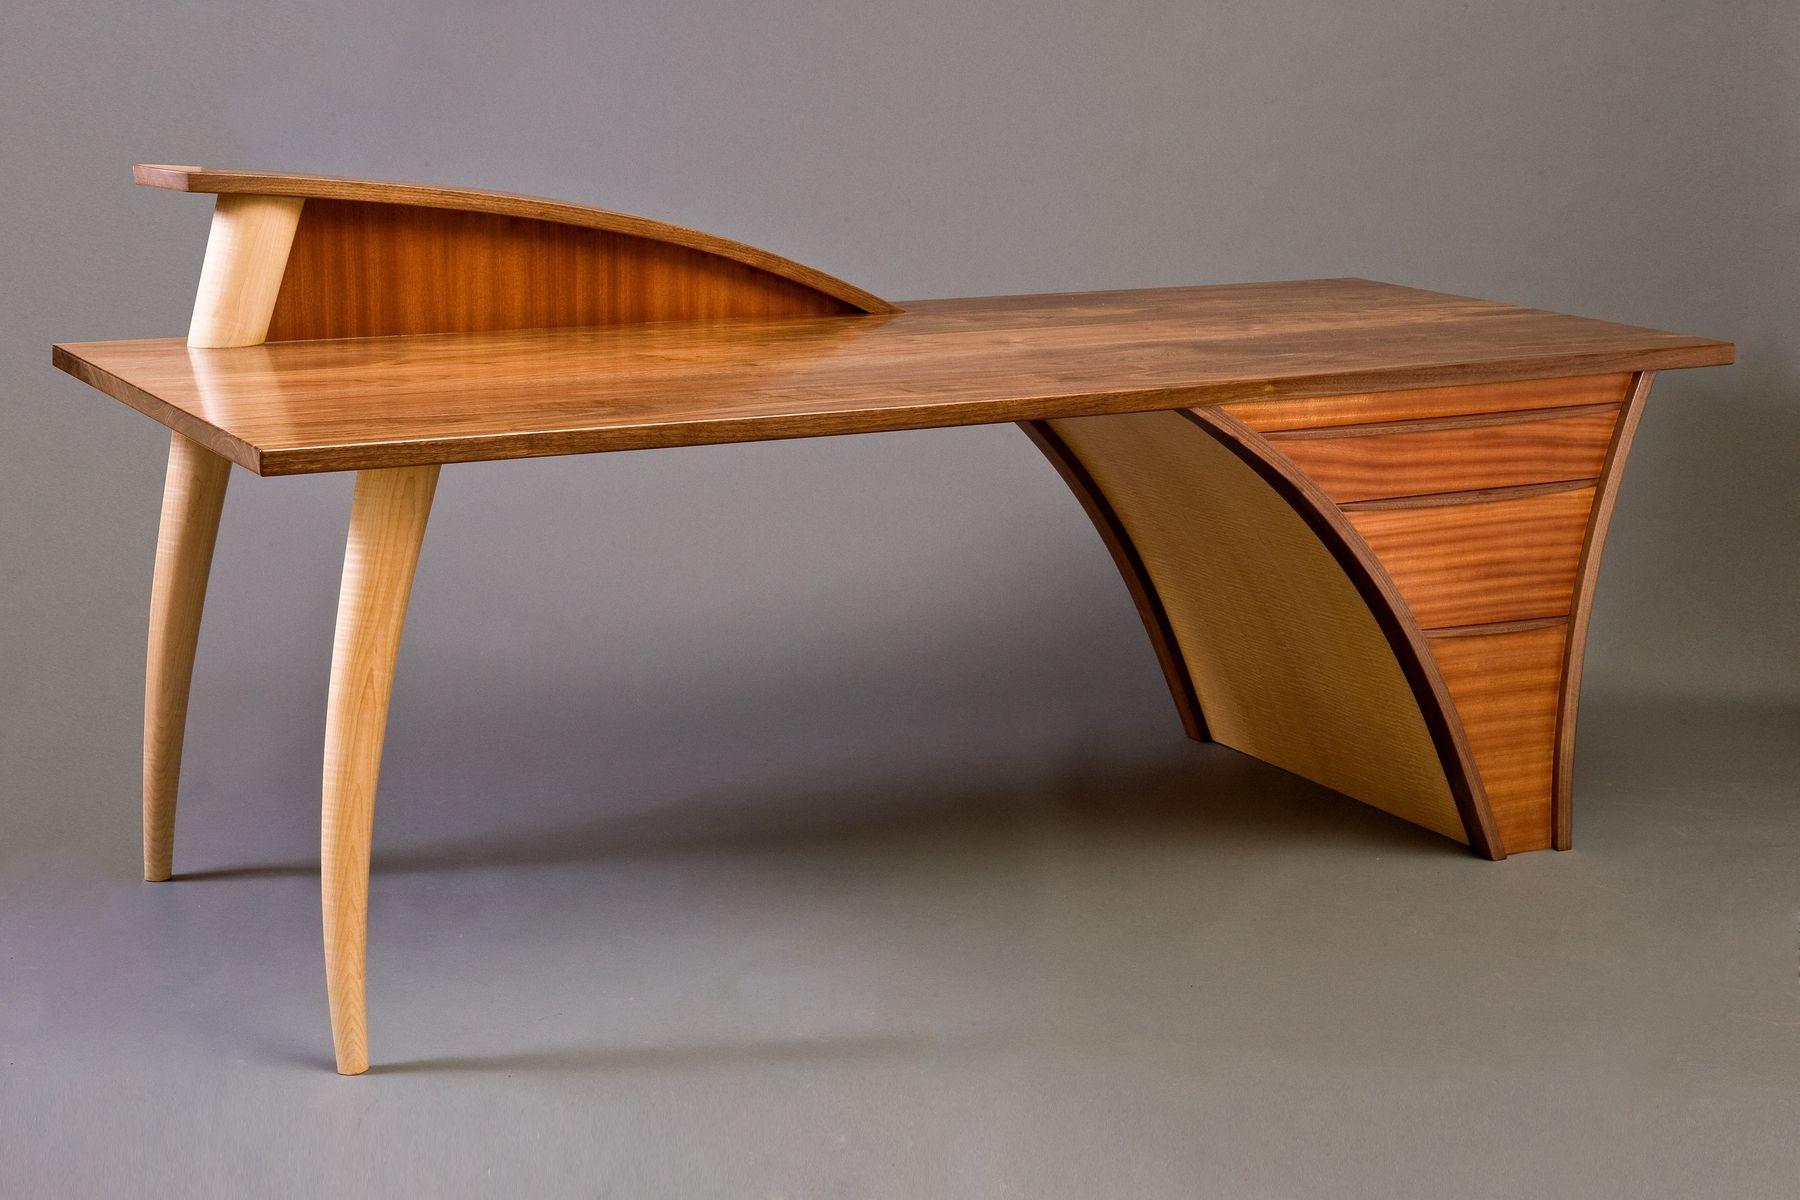 Seth rolland seth rolland custom furniture port townsend wa